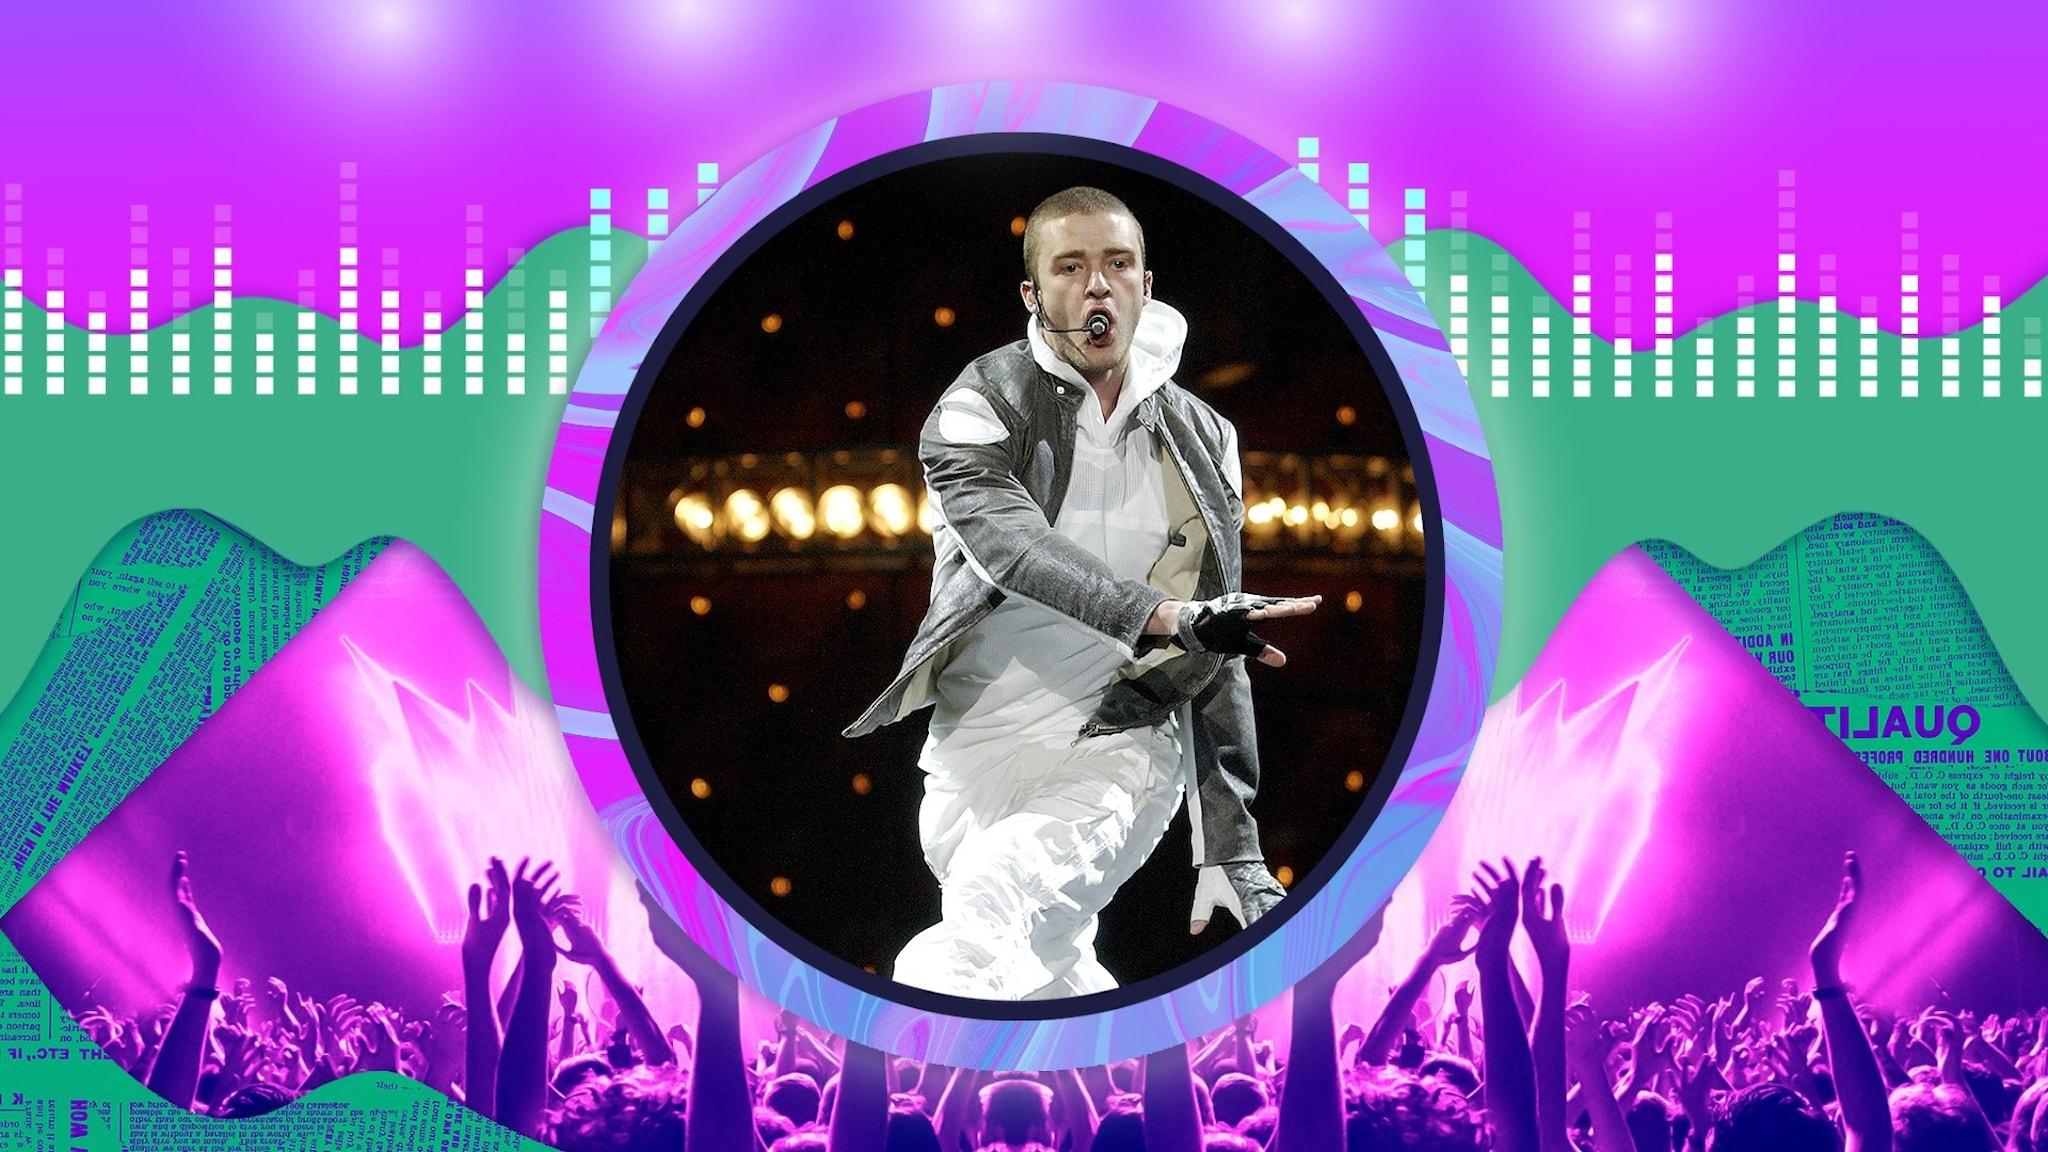 Justin Timberlake - popprinsen och skandalerna